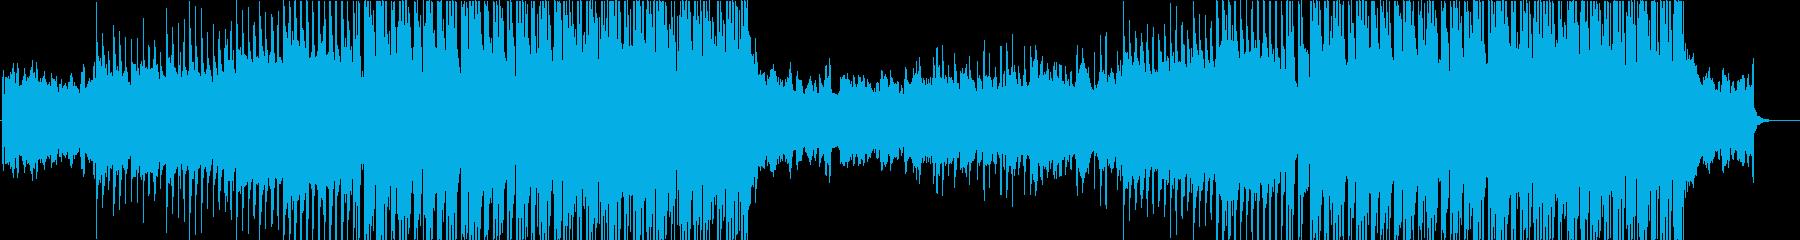 上昇するギターロック、EDM的シンセ展開の再生済みの波形